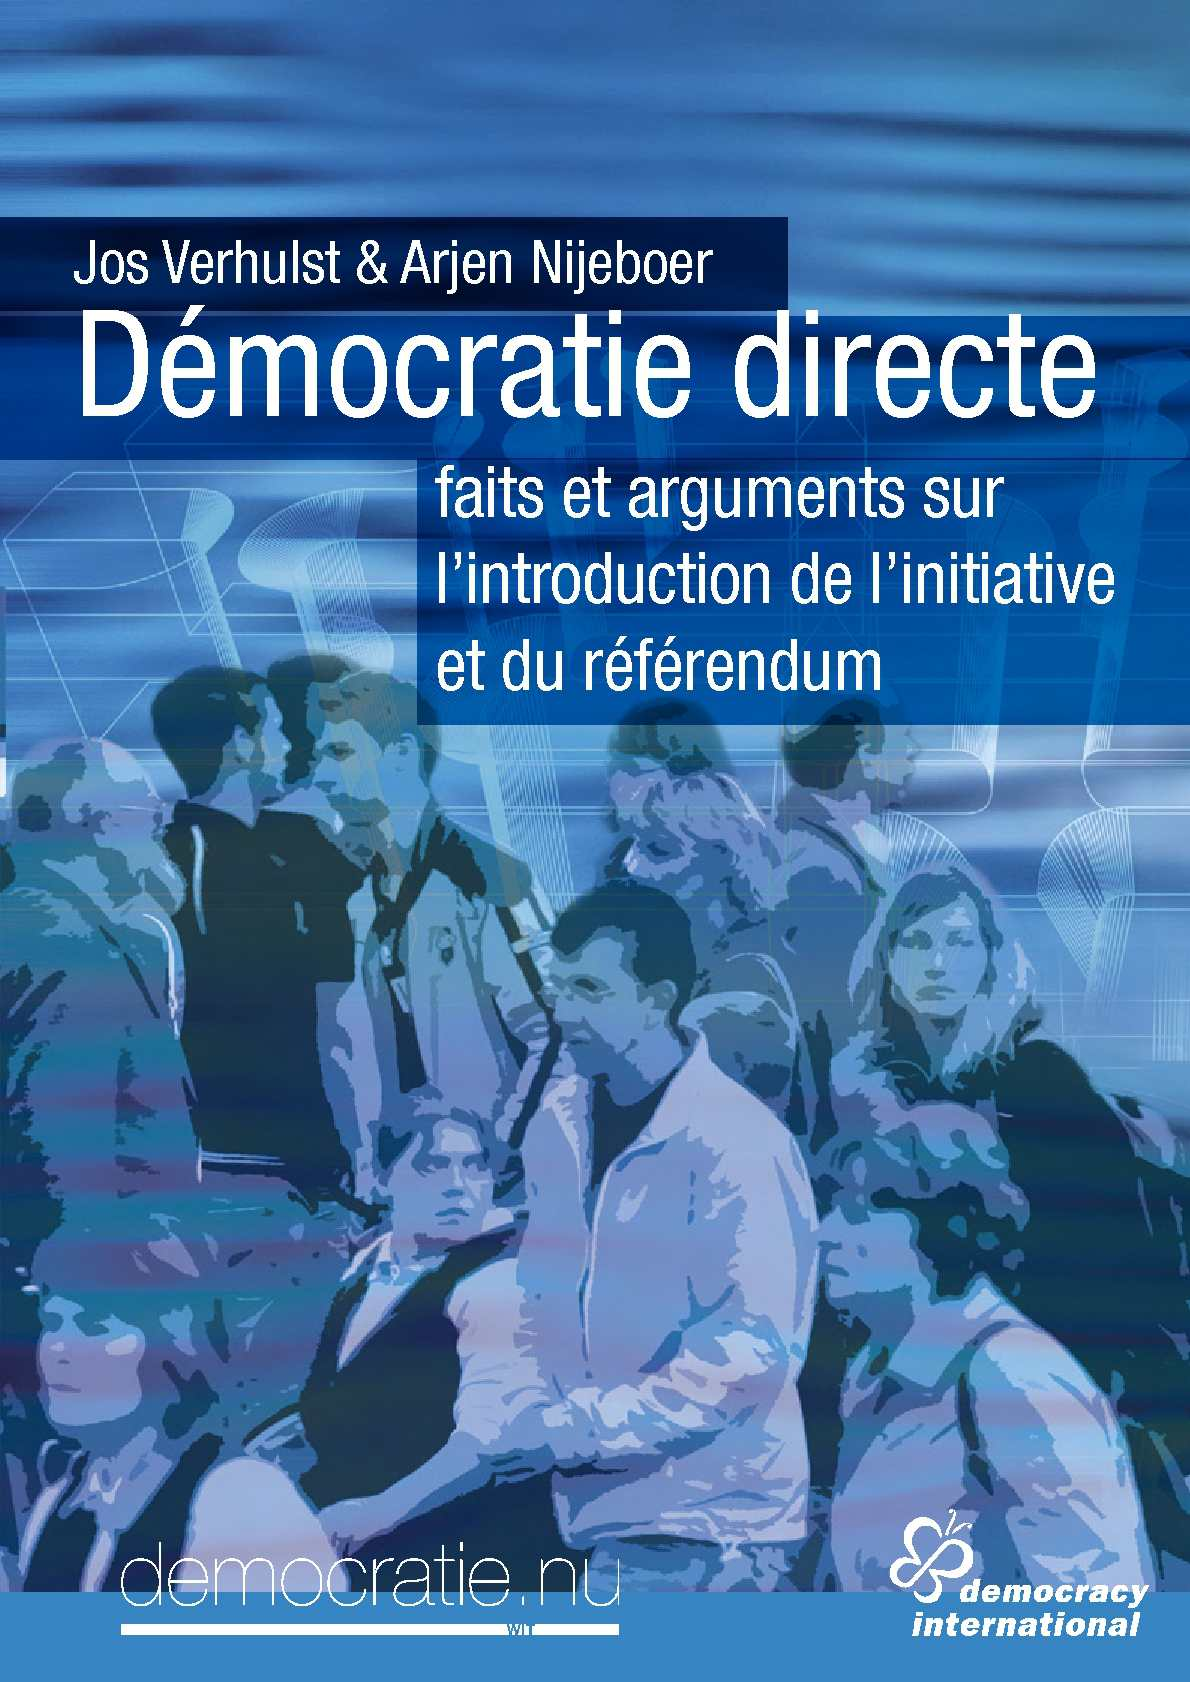 Citaten Democratie Directe : Calaméo démocratie directe faits et arguments sur l